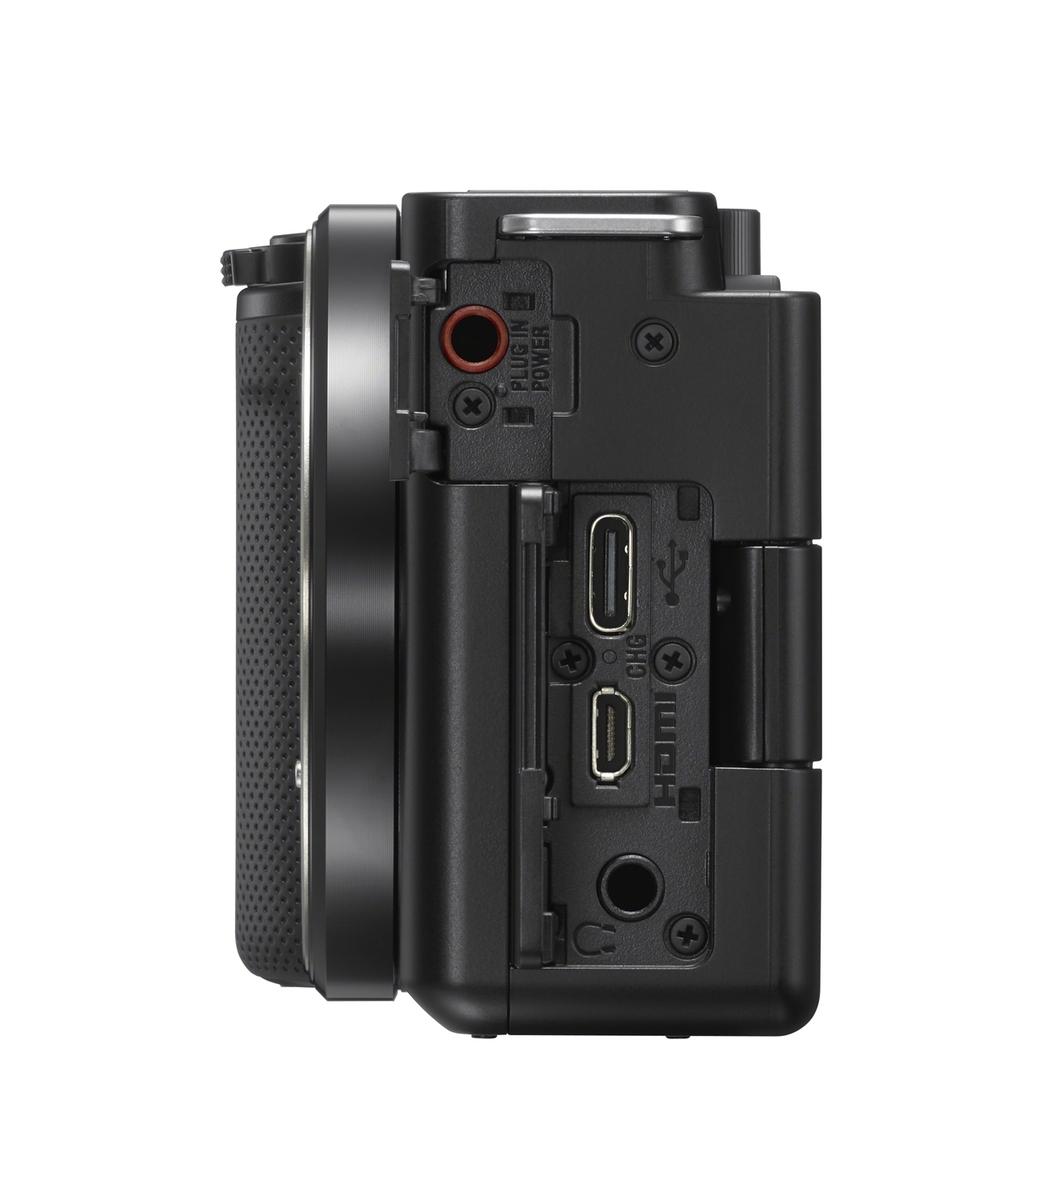 Sony Alpha ZV-E10 Gehäuse schwarz inkl. SanDisk 128 GB SDXC ExtremePro 170MB/s V30 UHS-I U3 Speicherkarte